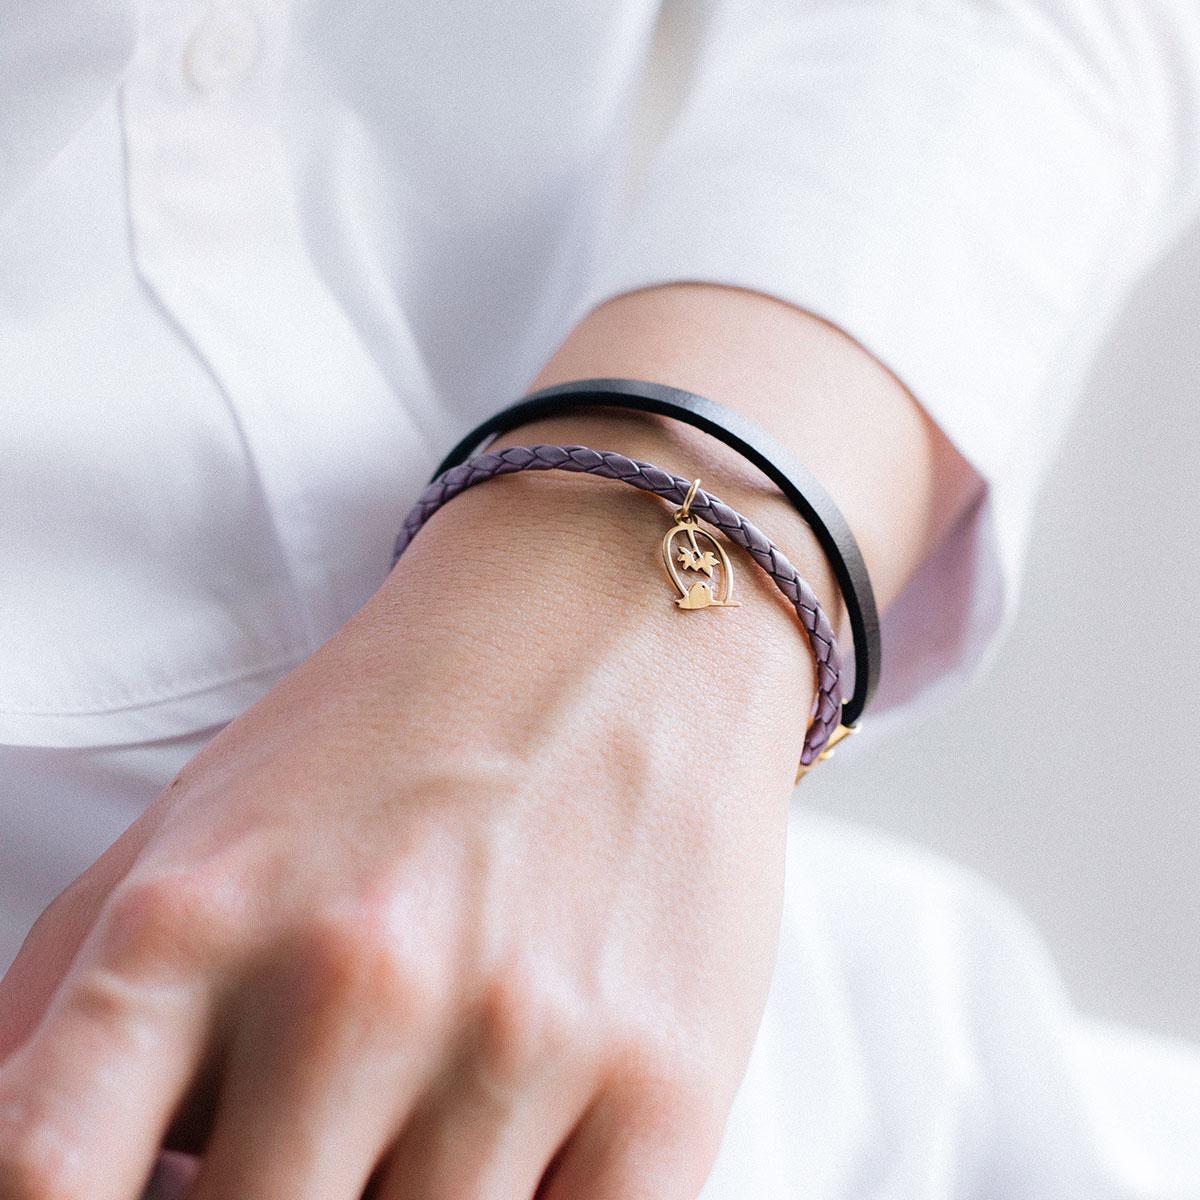 دستبند طلا گنجشک 2